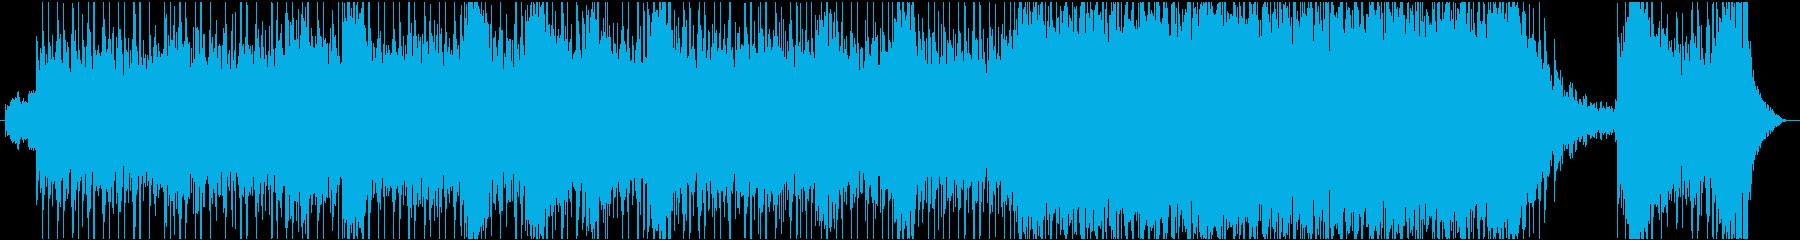 【映画風】緊張感のあるBGMの再生済みの波形